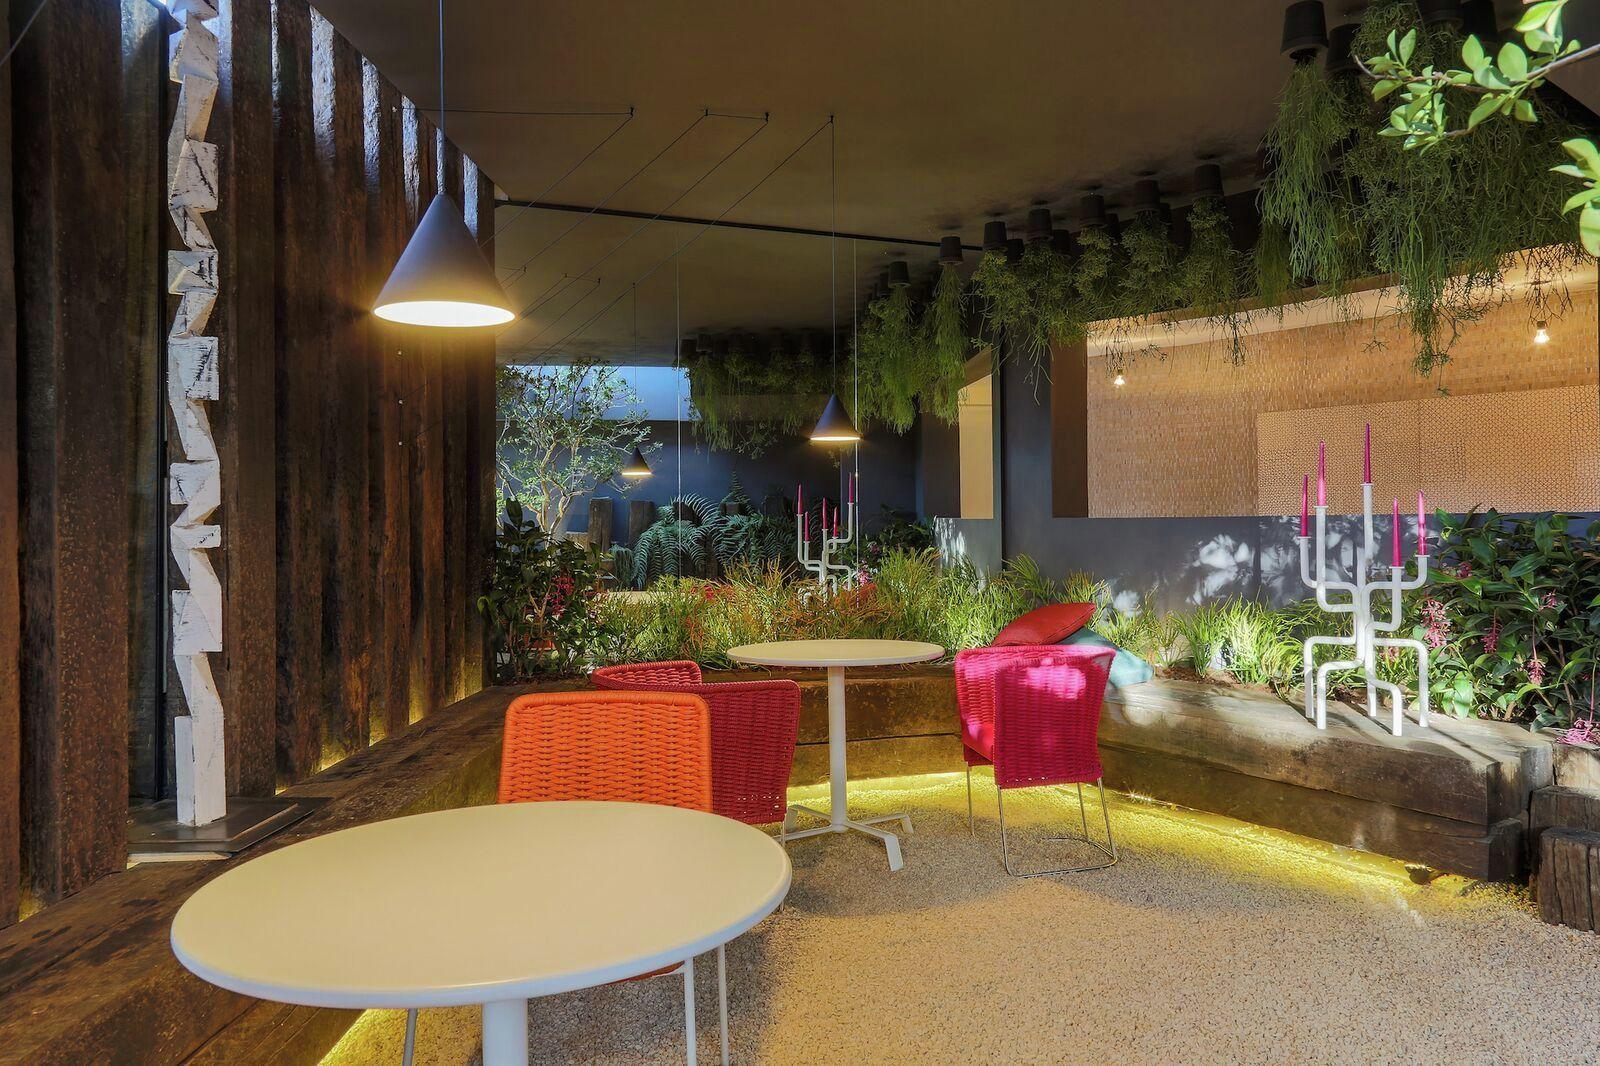 RHYZOMA_propone un jardín cubierto por un techo vivo cuyo recorrido ...